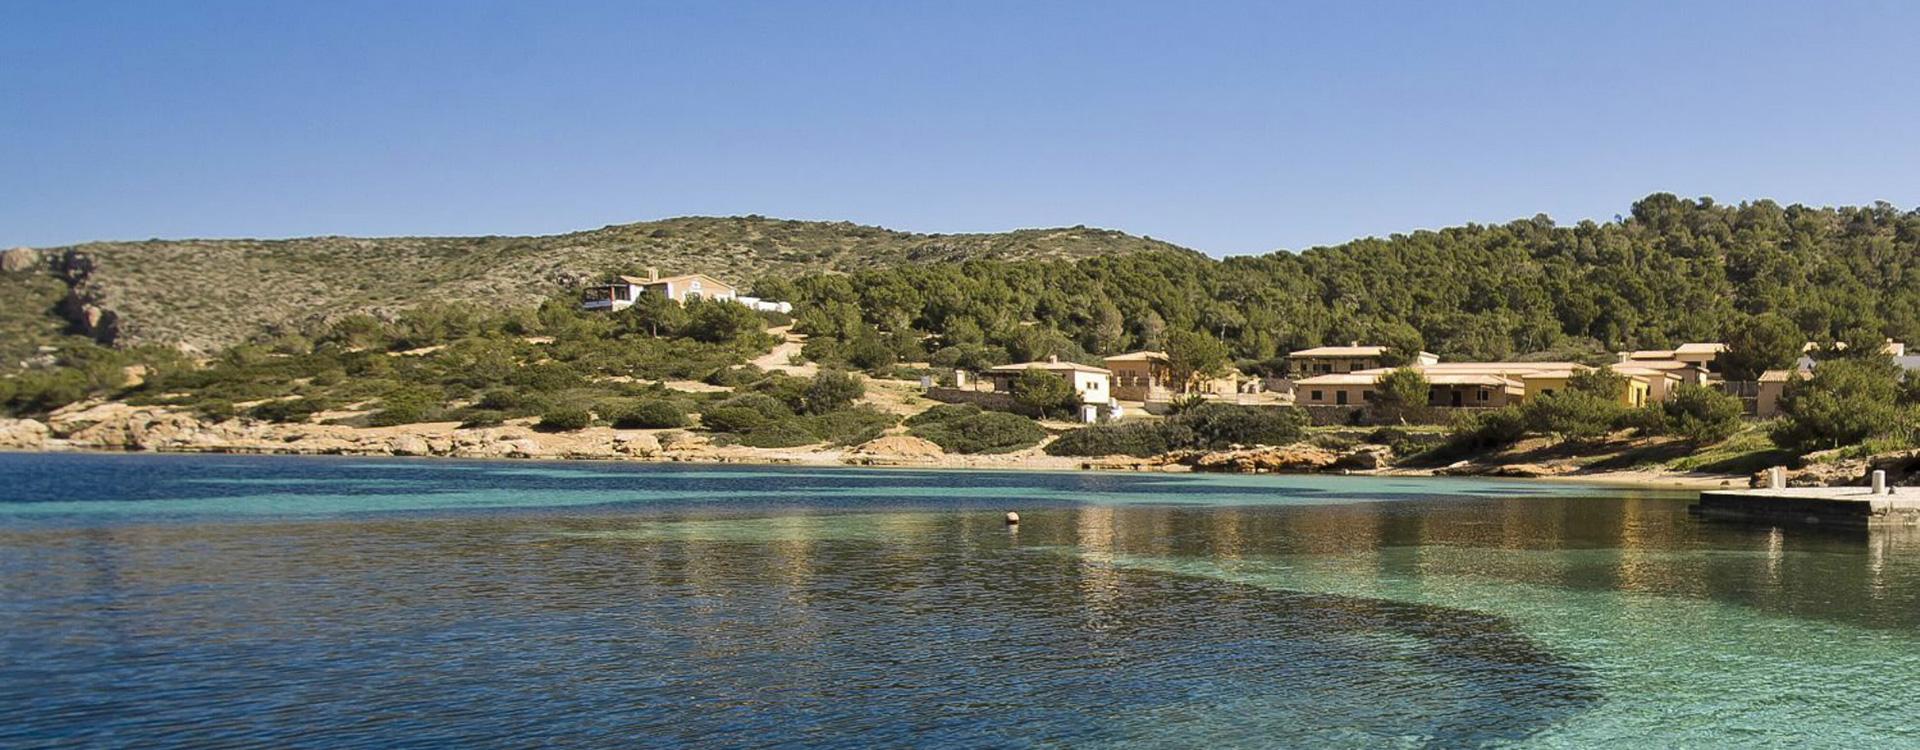 Vista alejada de la costa de la isla de Cabrera